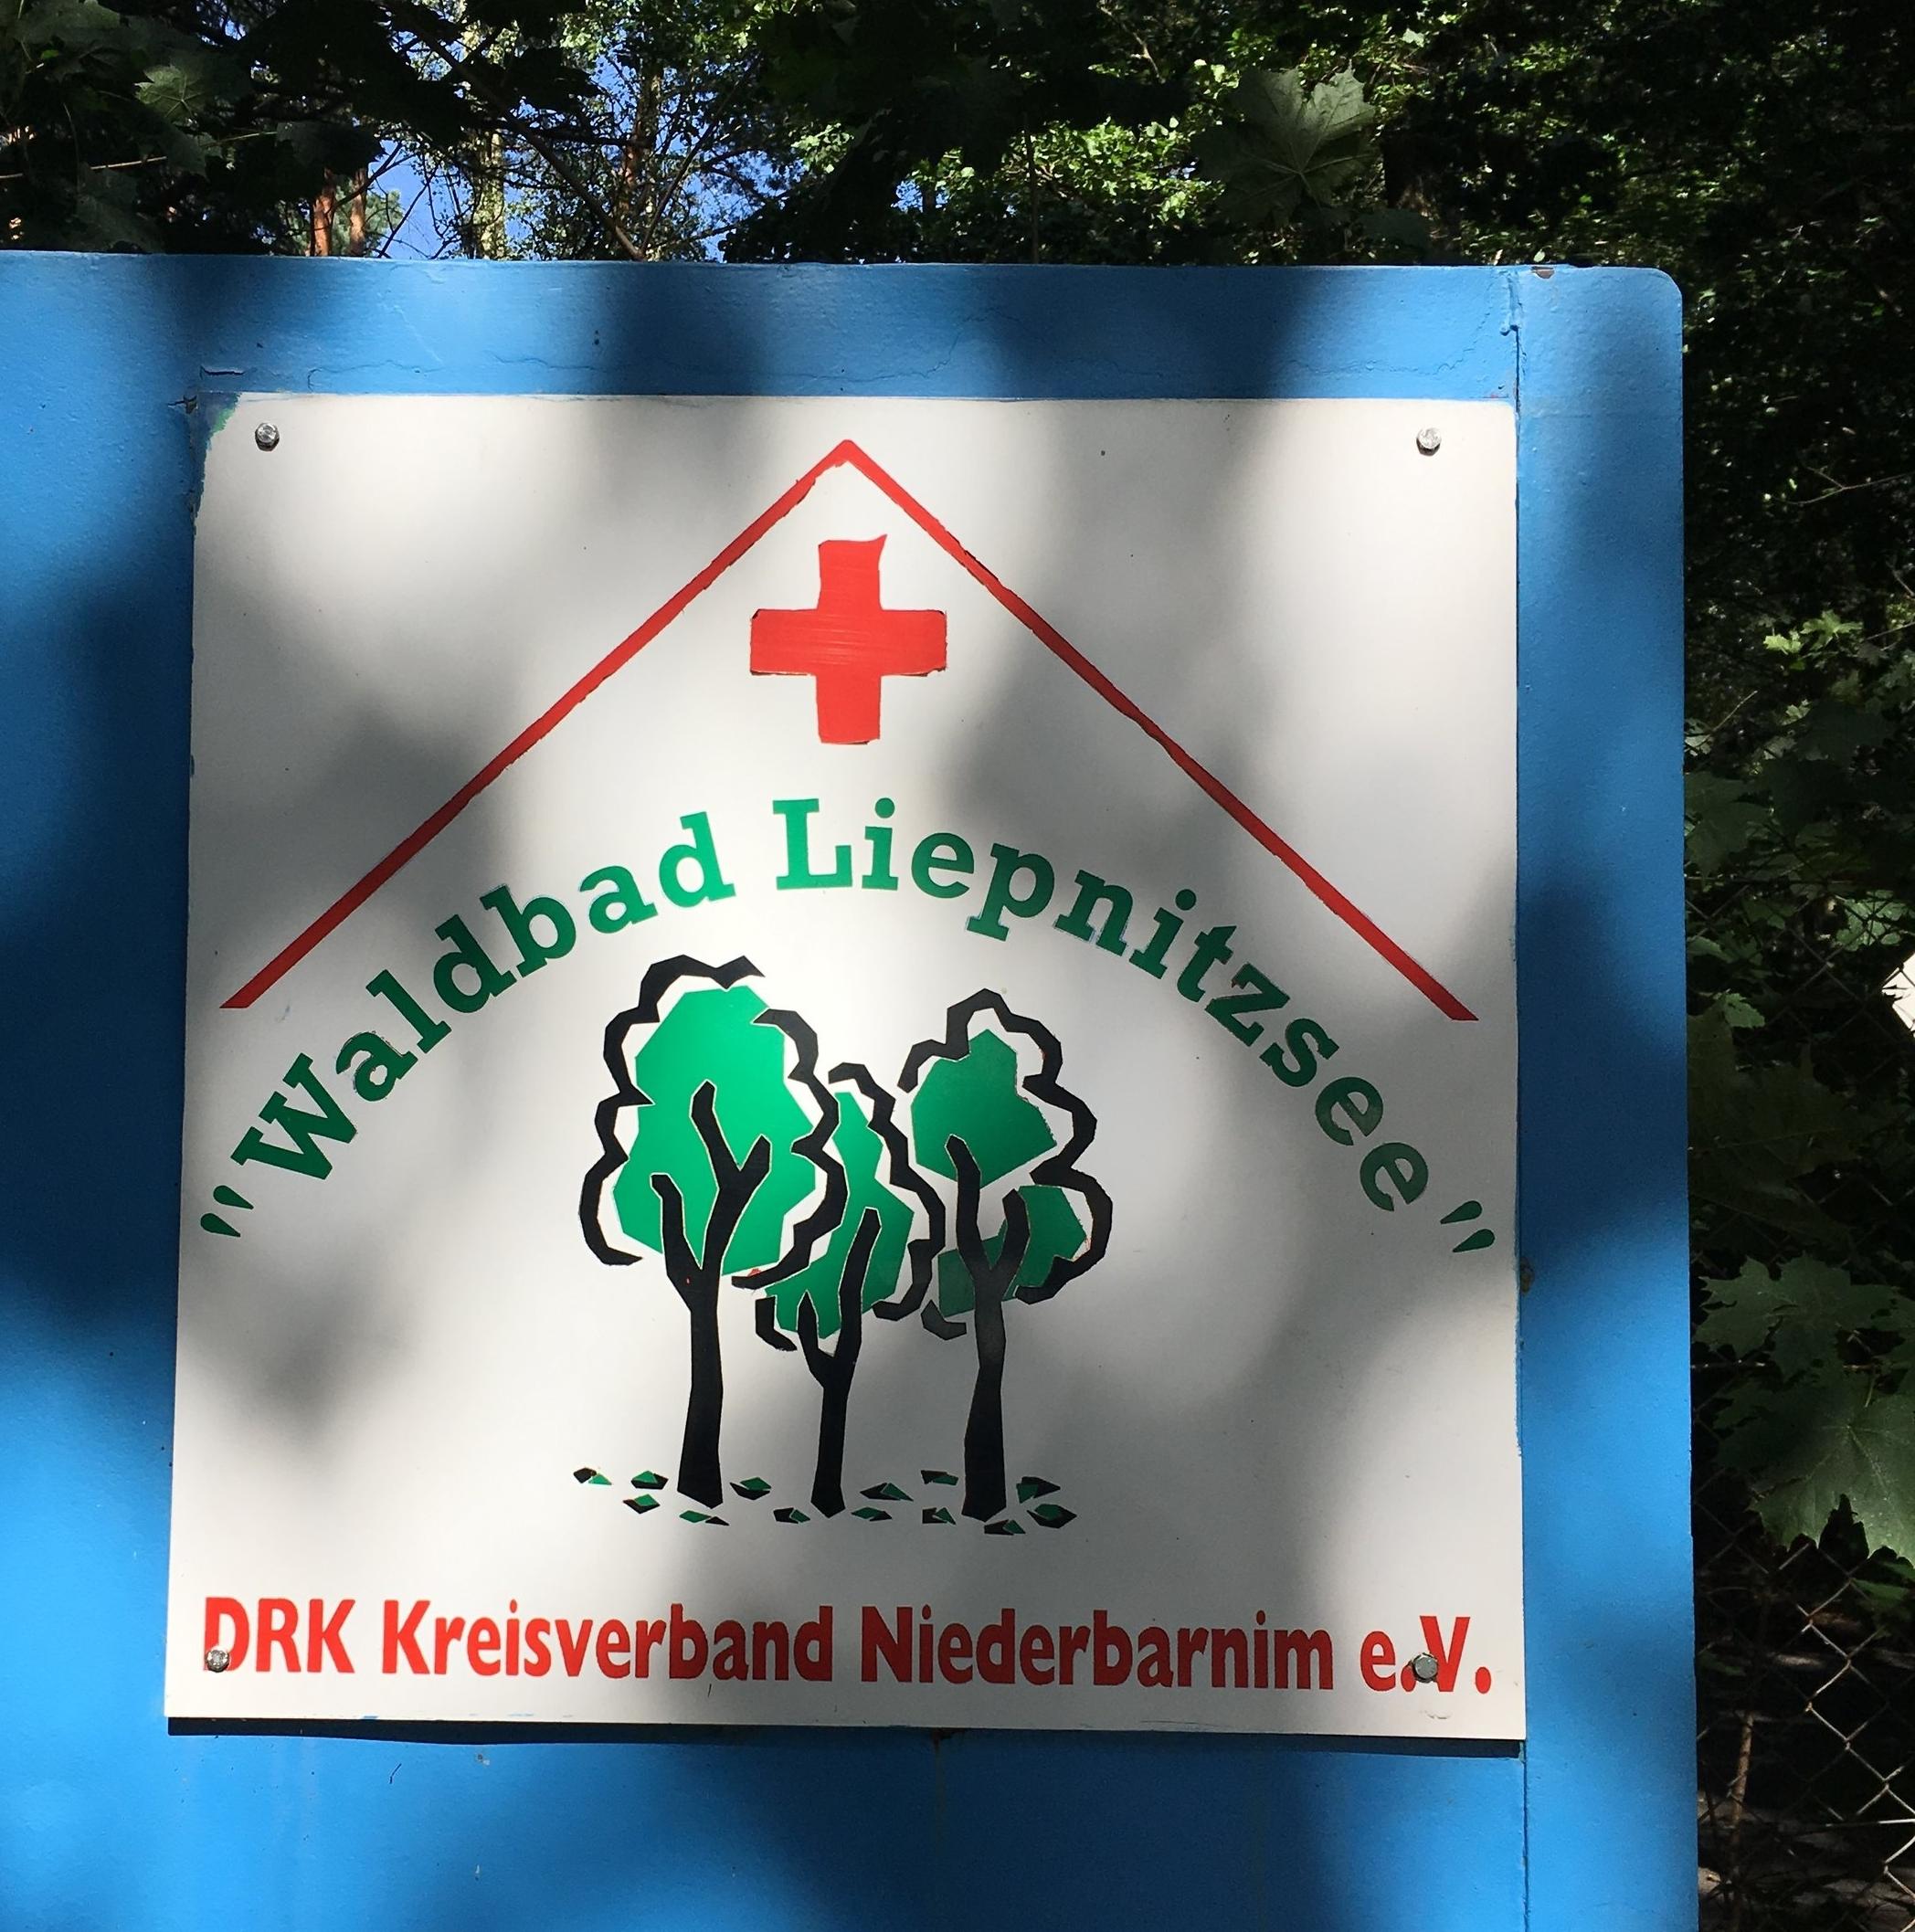 Waldbad-Liepnitzsee-1